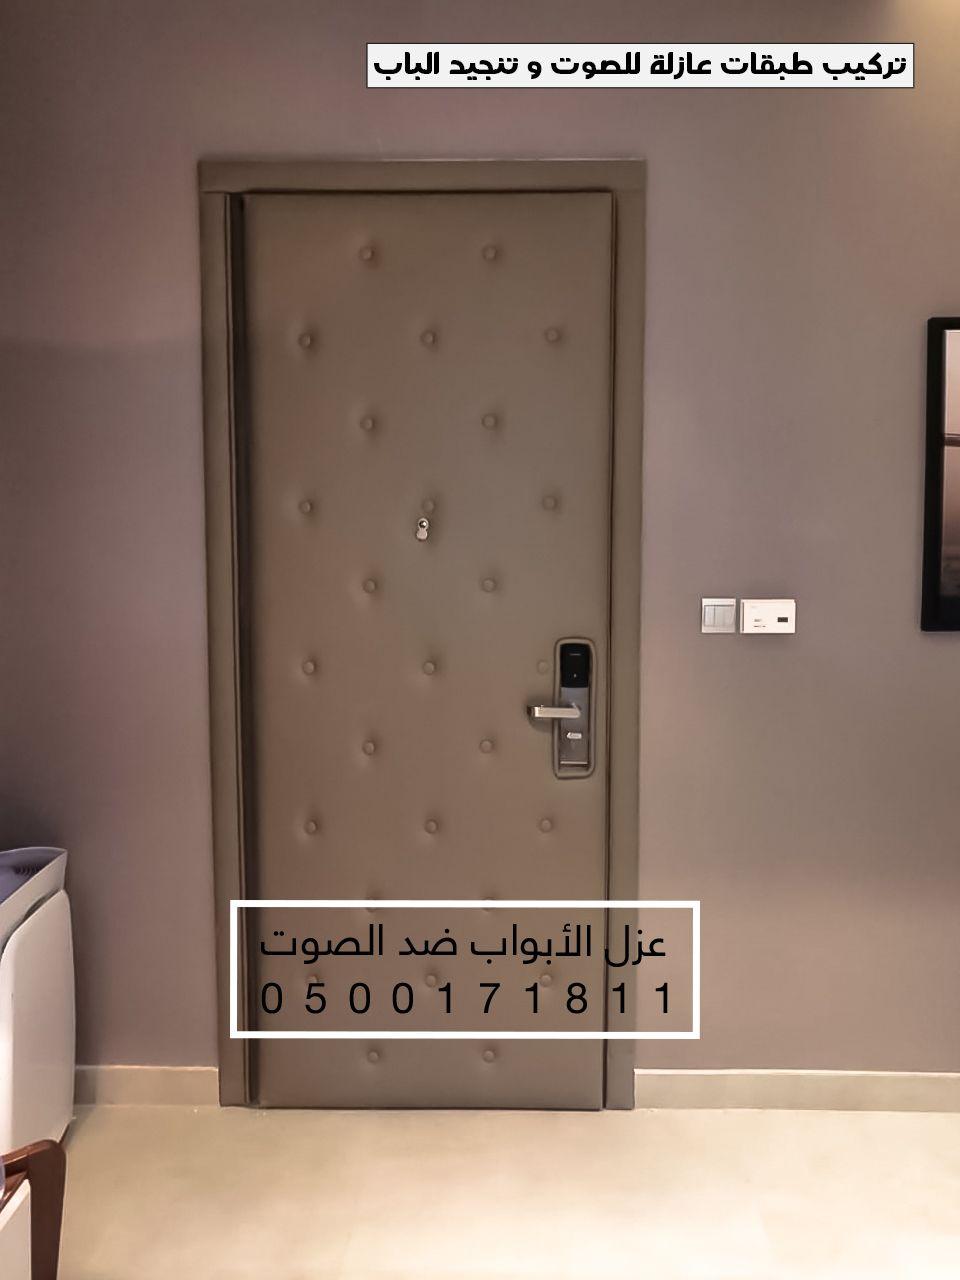 حل مشكلة الصوت عند الأبواب